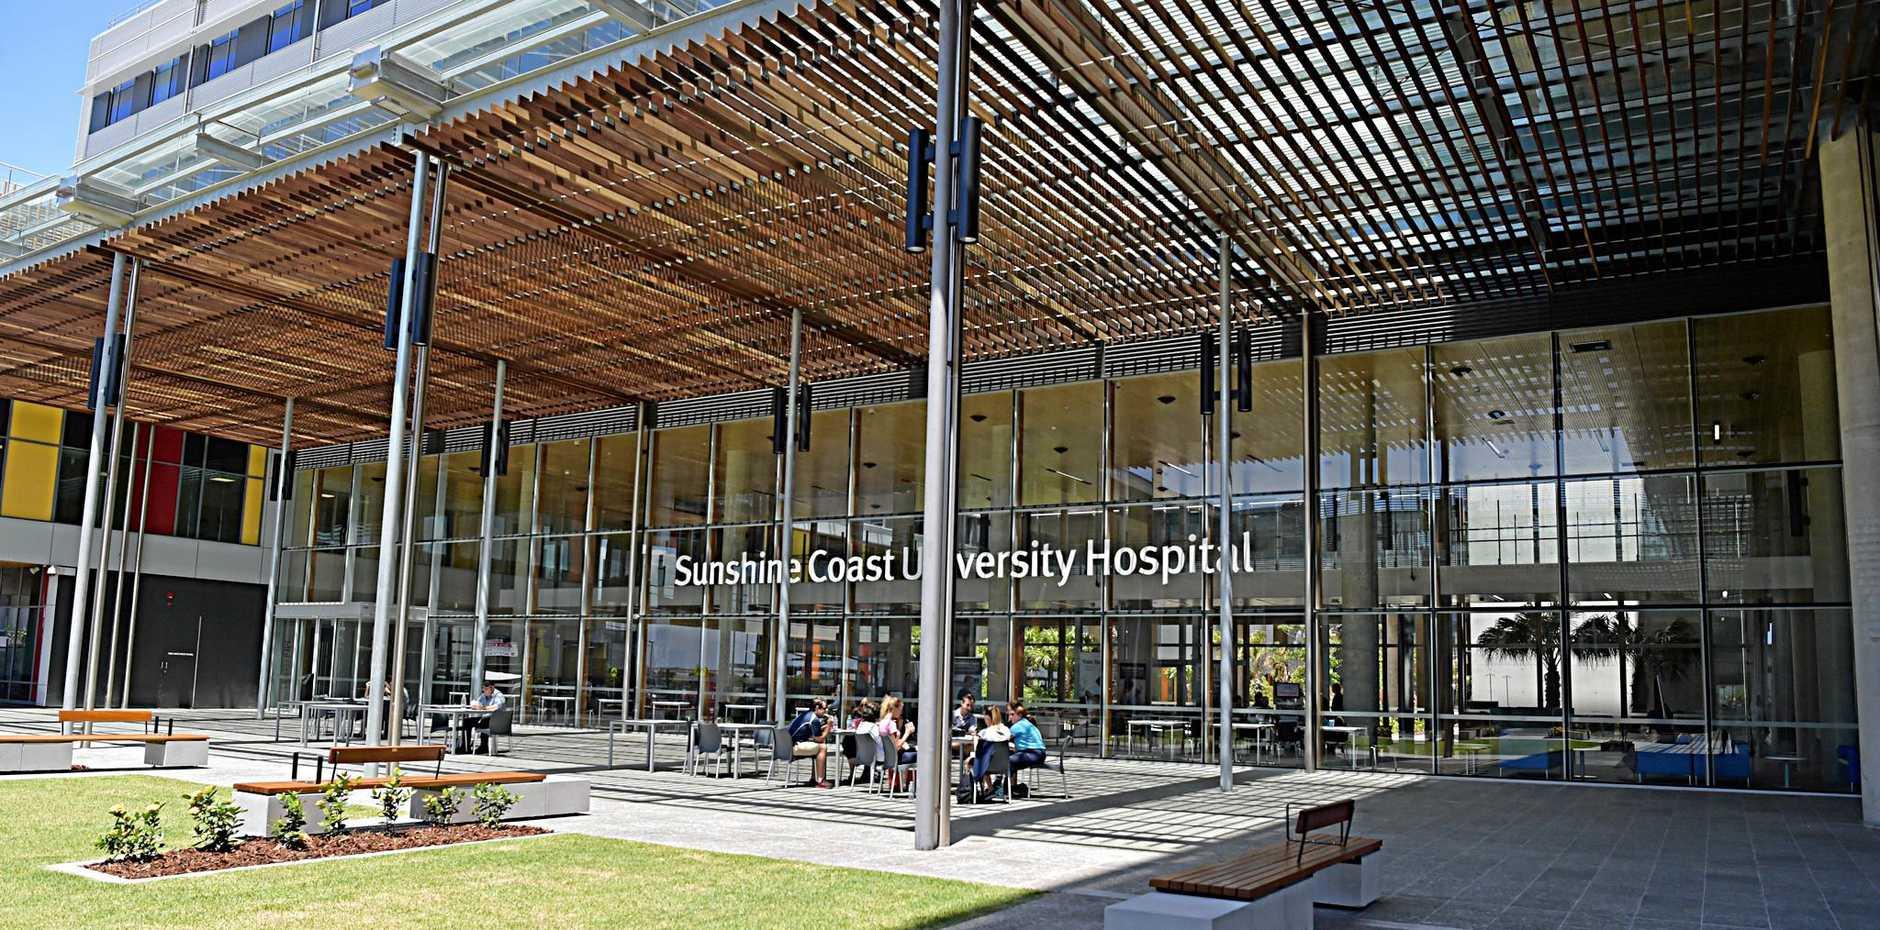 Sunshine Coast University Hospital, at Birtinya on the Sunshine Coast.